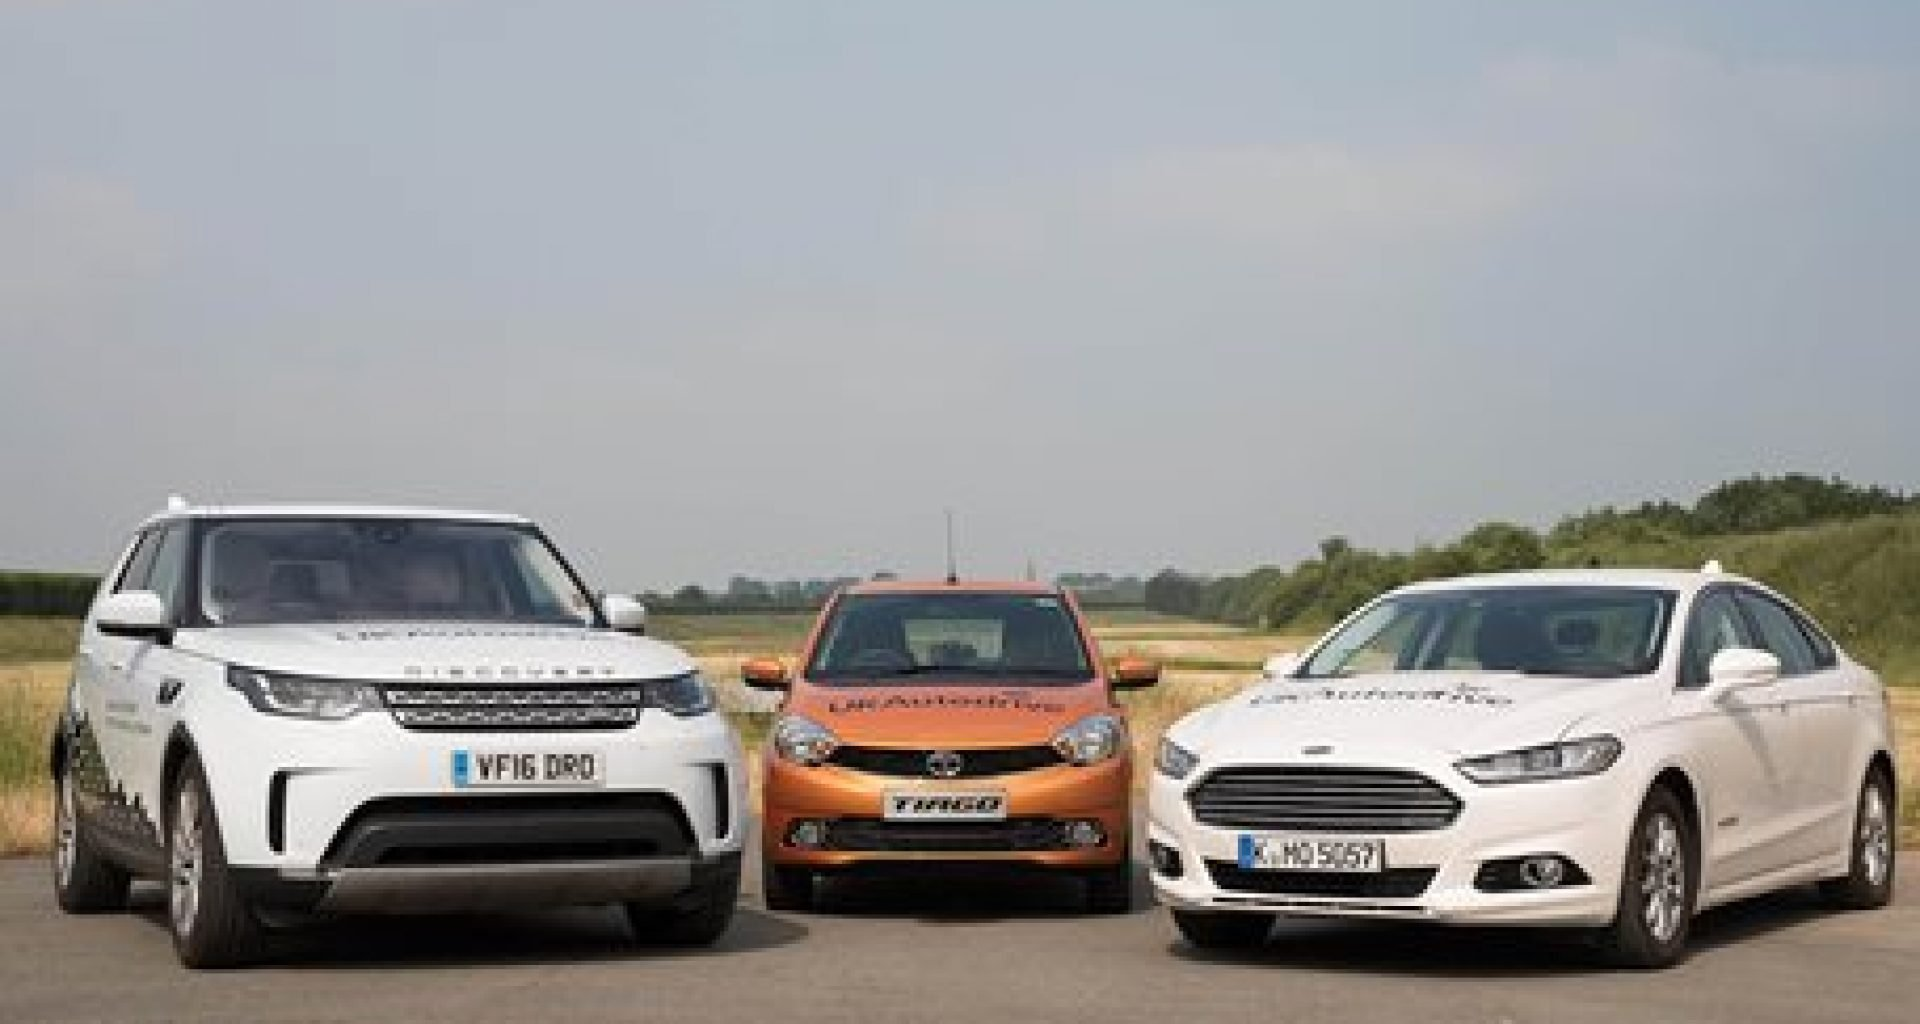 HORIBA MIRA Hosts Landmark UK Autodrive Trials - HORIBA MIRA